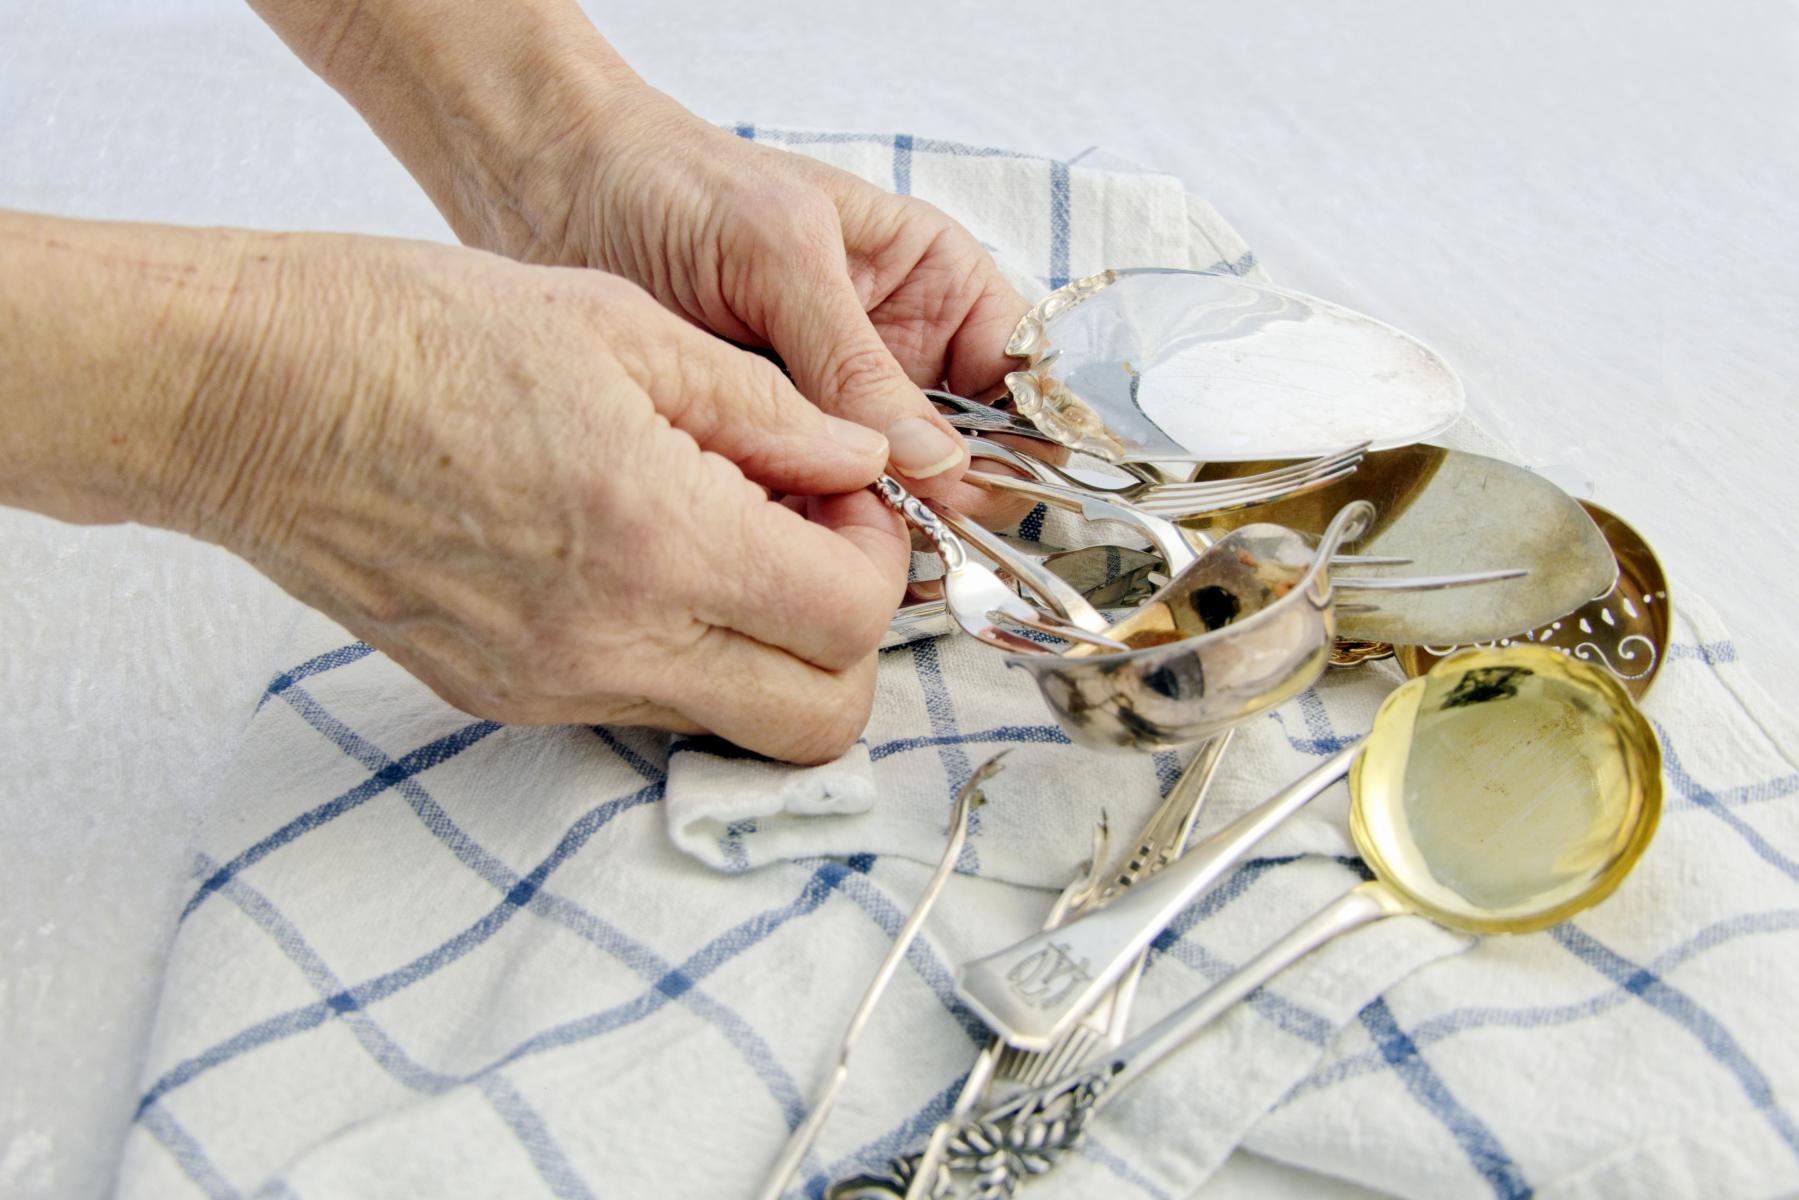 Forskjellig bestikk som pusses med sølvpuss og tørkes på håndkle